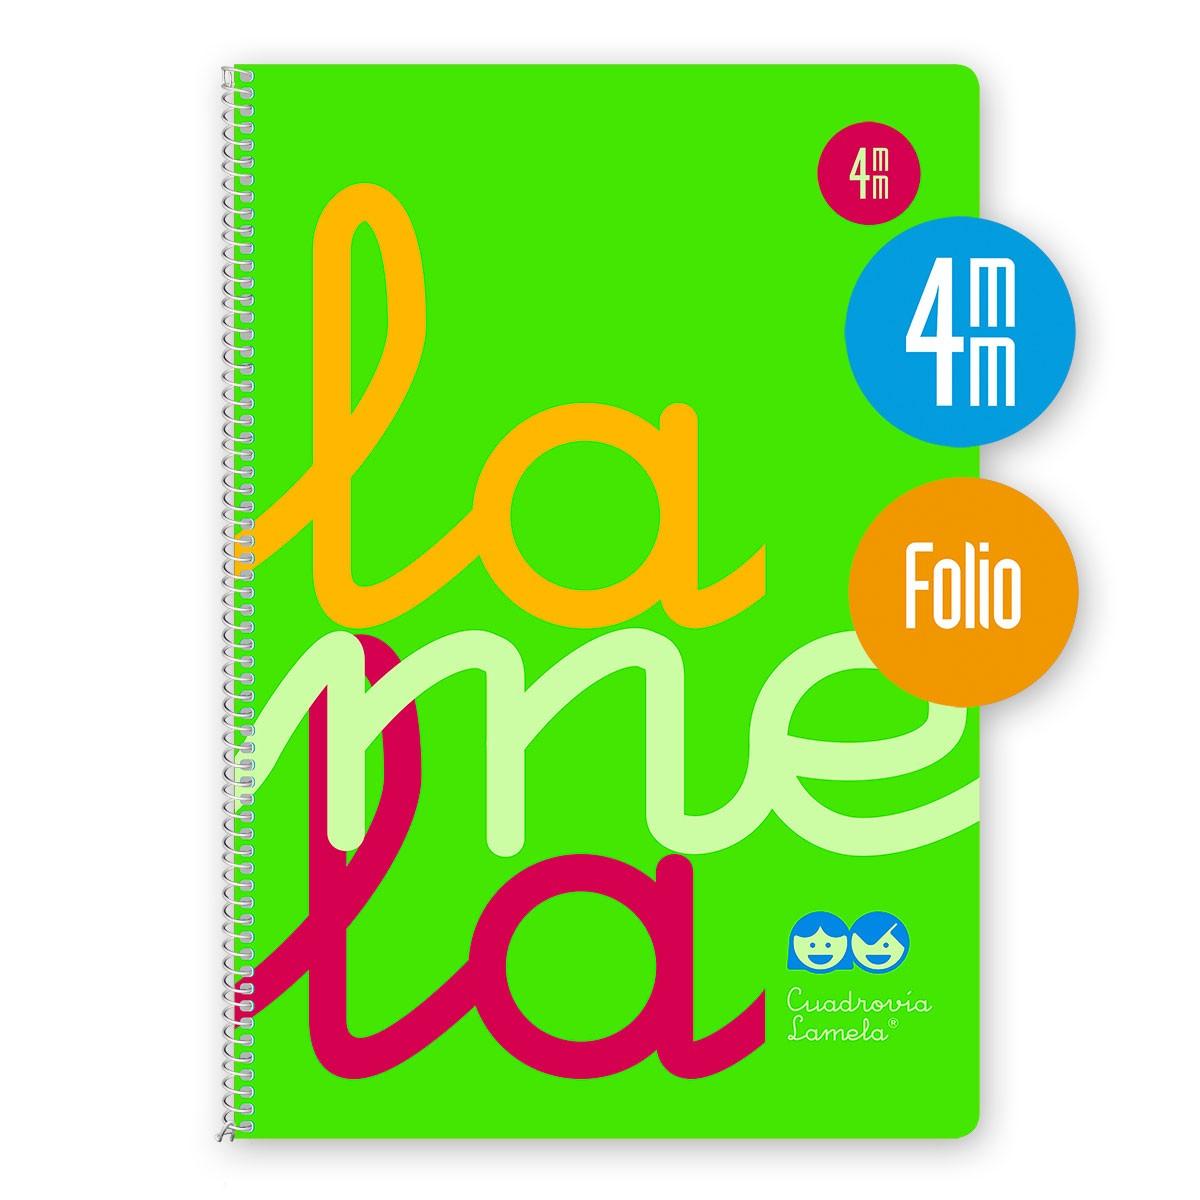 Cuaderno Espiral Folio 80 Hojas, 90 Grs. Cubierta Polipropileno Fluor. VERDE. Cuadrovía 4mm.